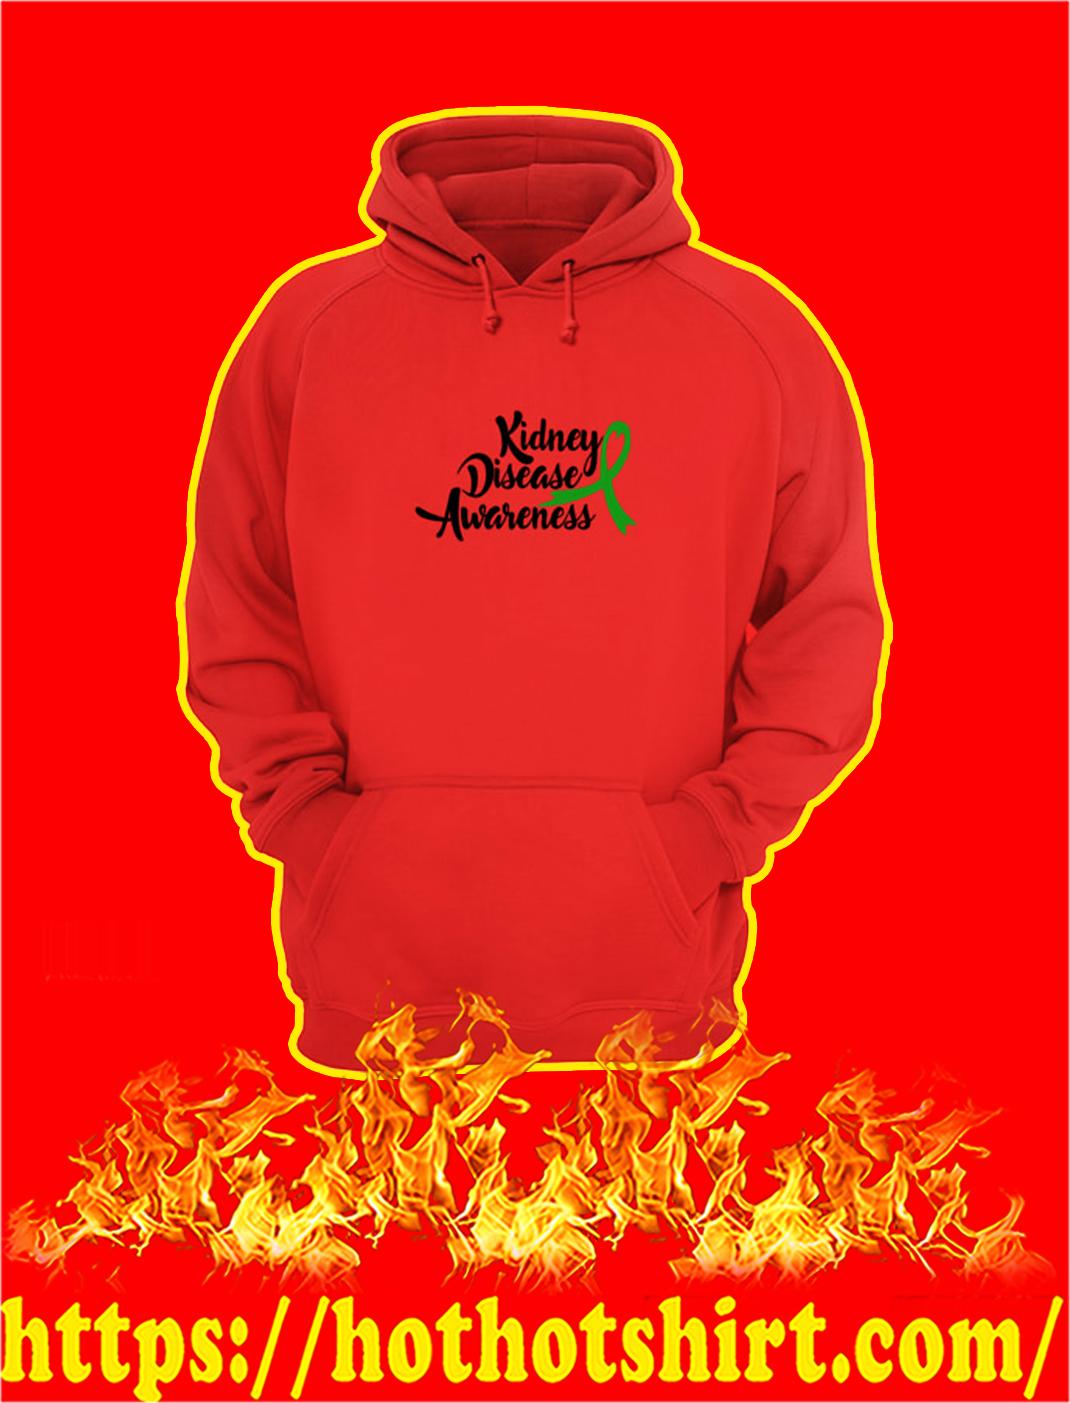 Kidney Disease Awareness hoodie